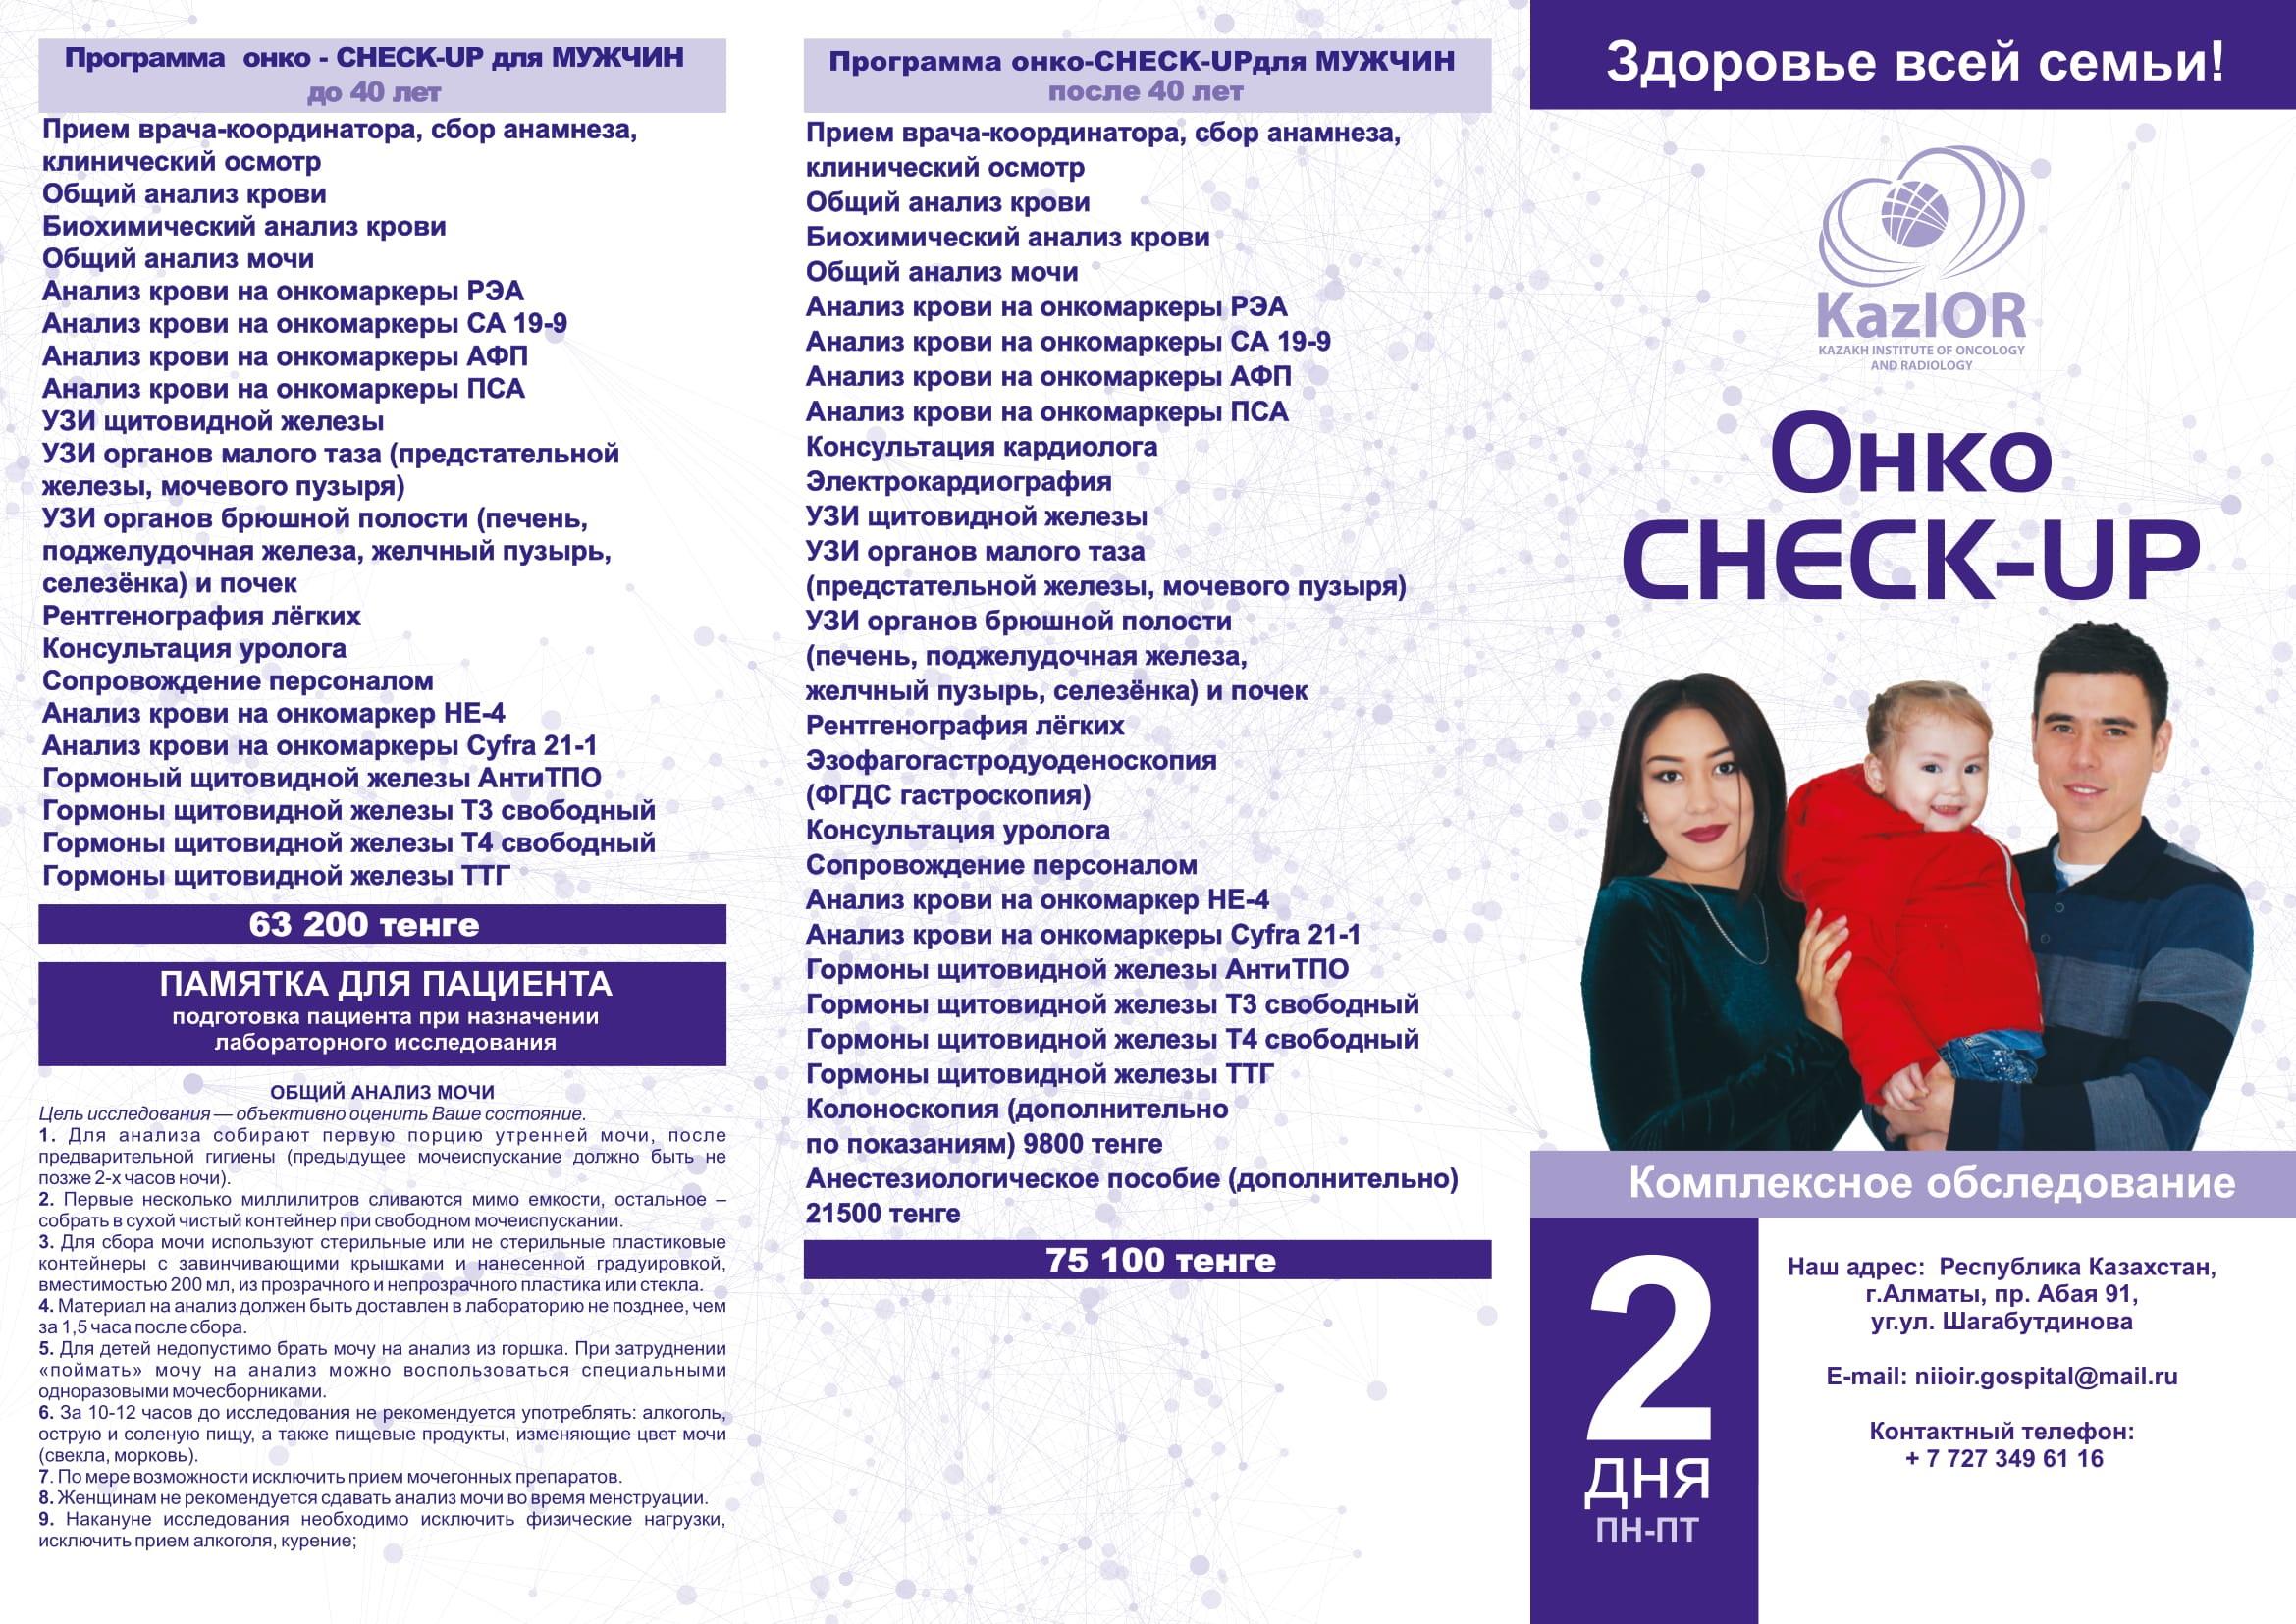 check-up-2020-2